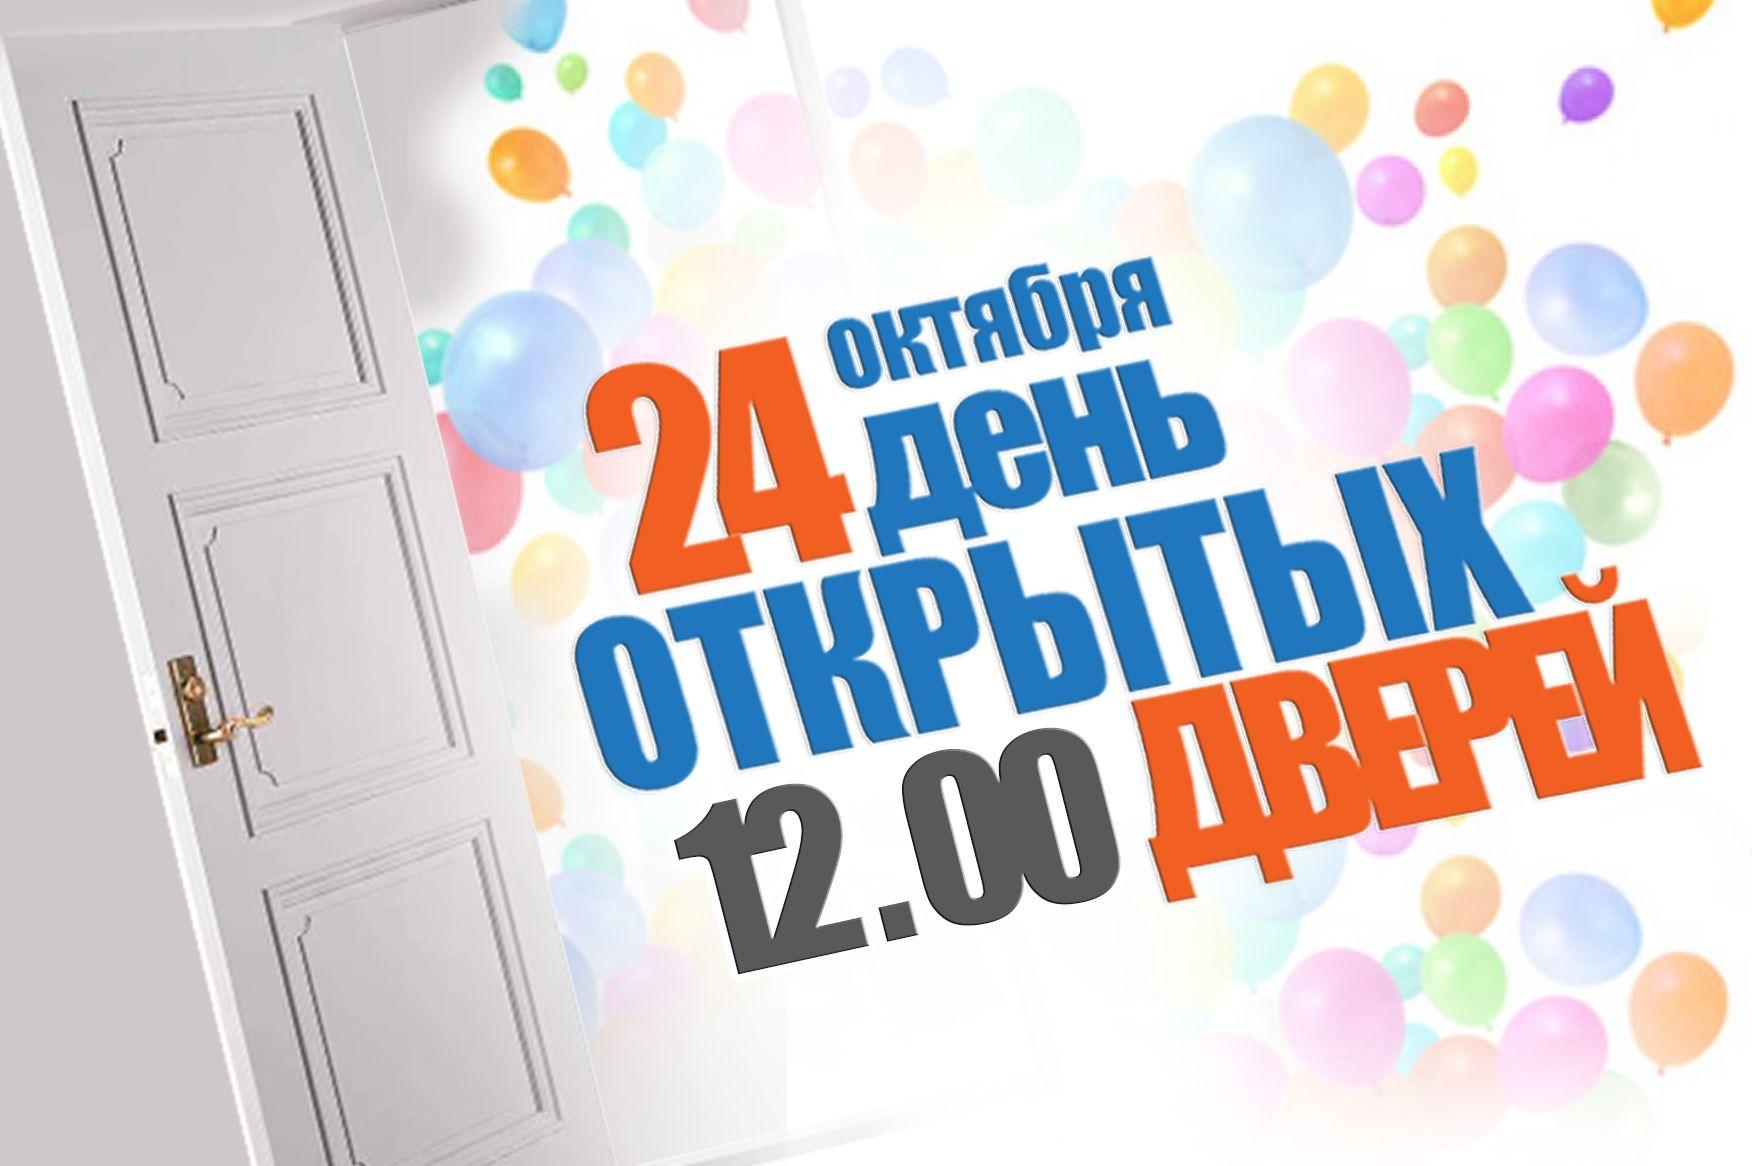 день открытых дверей картинки на сайт